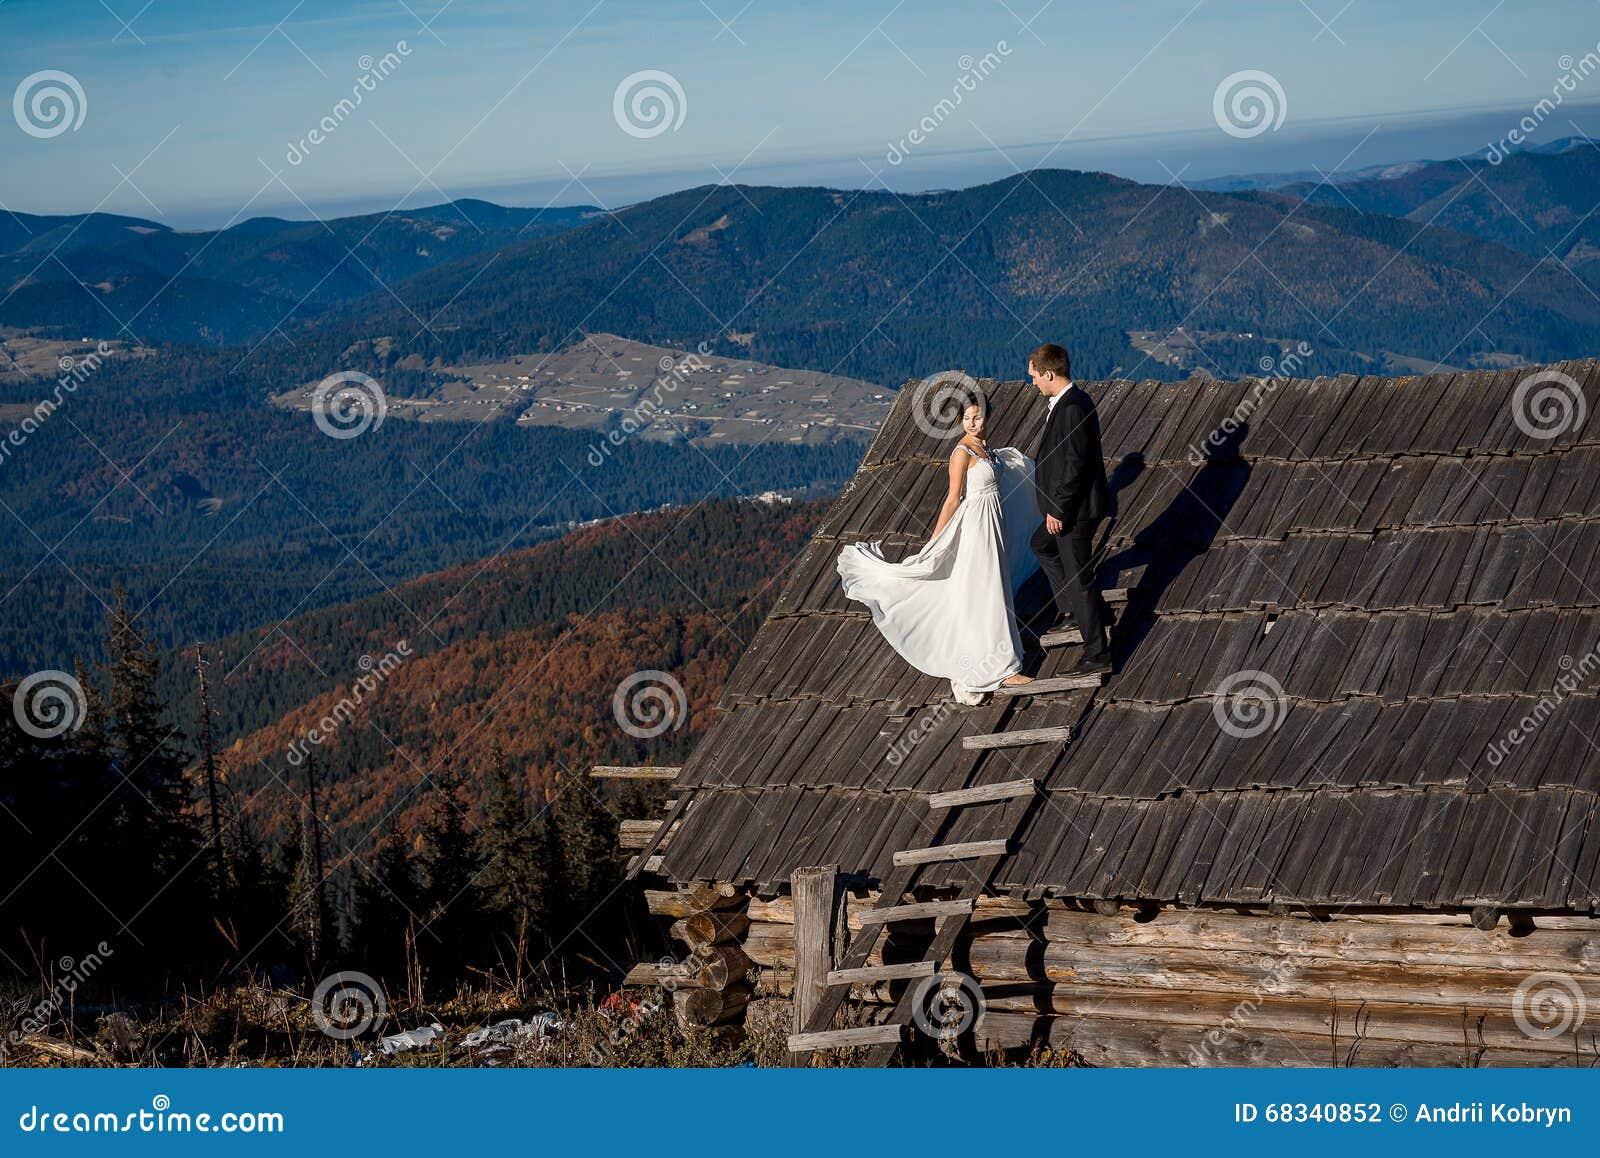 Ευτυχείς νύφη και νεόνυμφος στη στέγη του εξοχικού σπιτιού Συναρπαστικό υπόβαθρο τοπίων βουνών